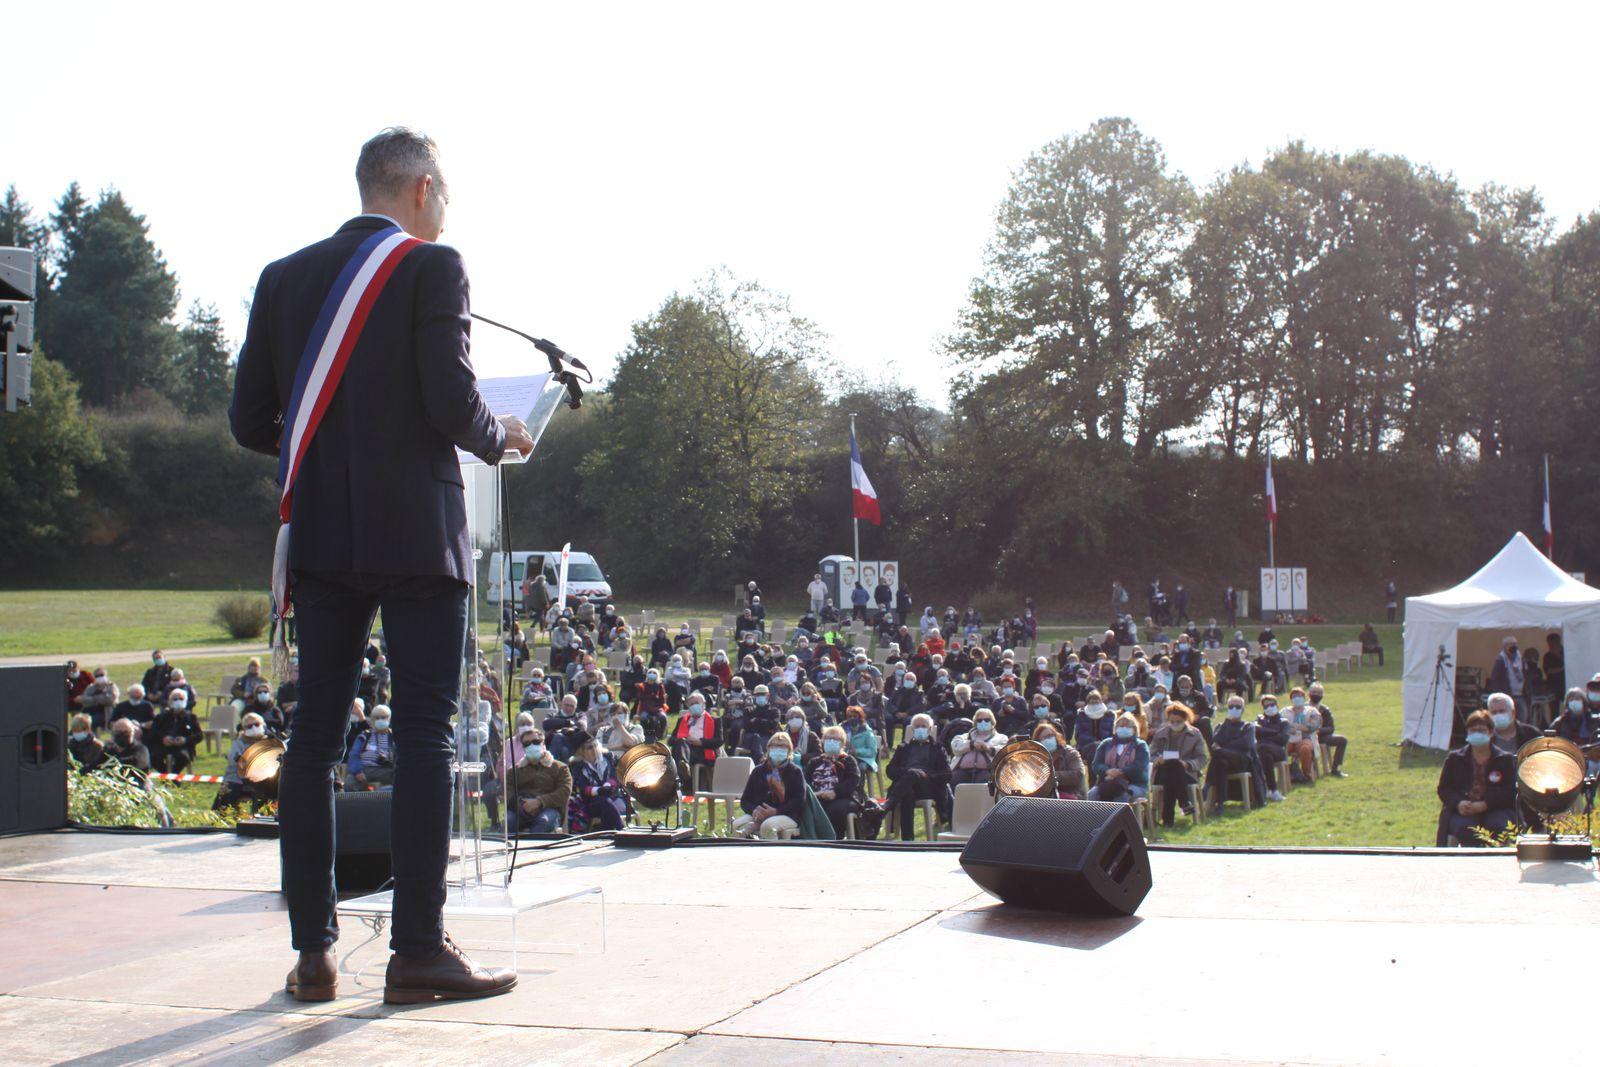 Châteaubriant - 22 octobre 1941/ 18 octobre 2020: le reportage photo de Jean-Luc Le Calvez pour l'hommage aux 27 fusillés, otages communistes et cégétistes livrés par Vichy à la répression nazie